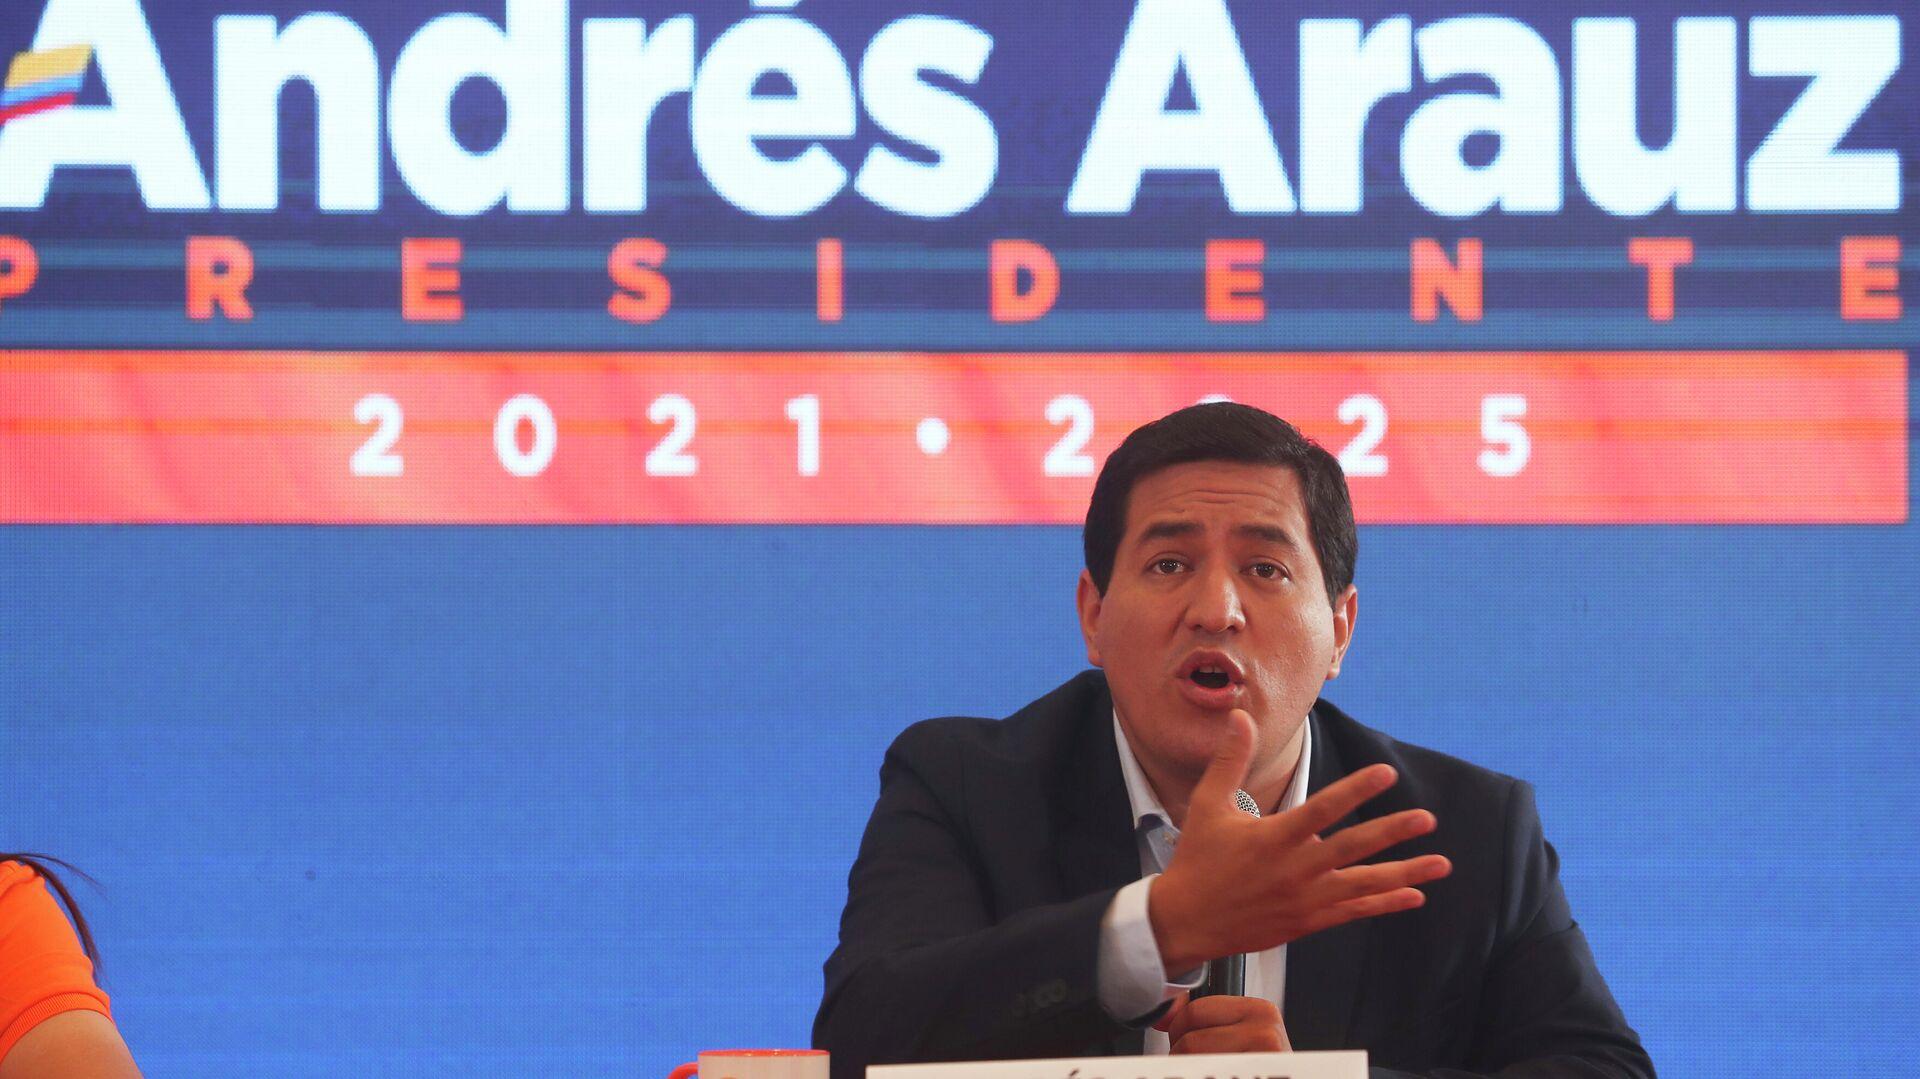 Andrés Arauz, candidato a la presidencia de Ecuador - Sputnik Mundo, 1920, 19.03.2021